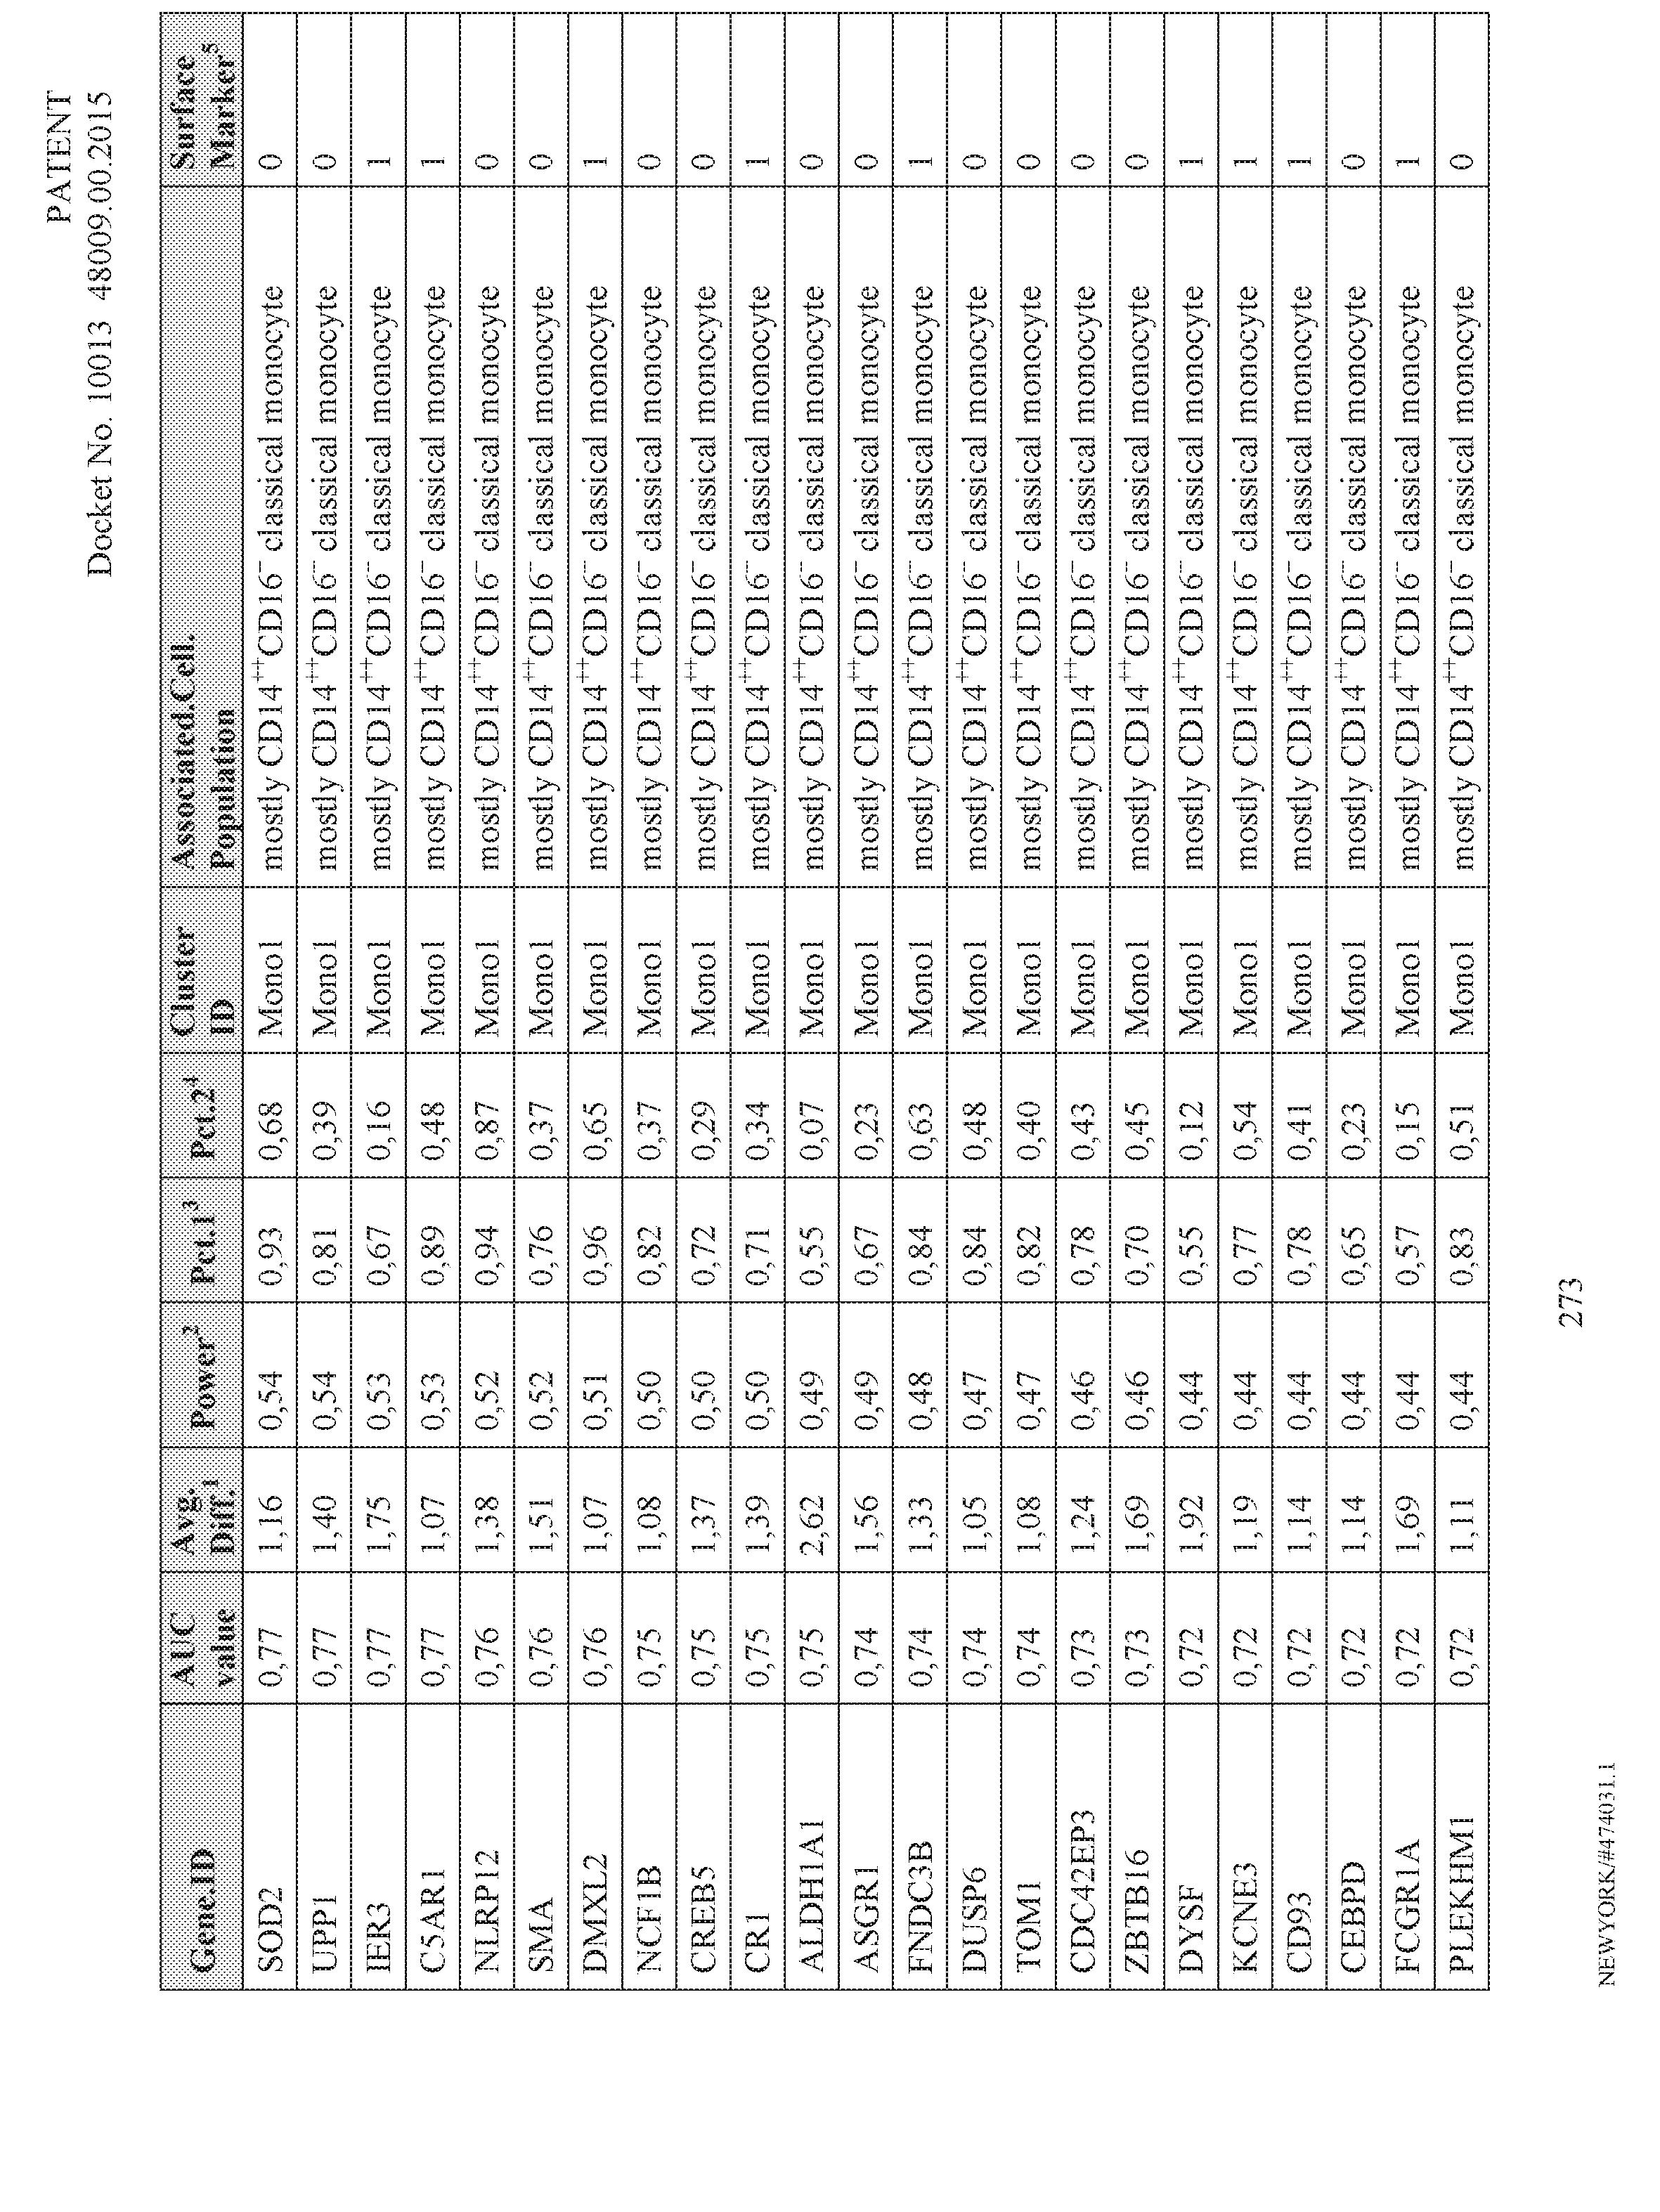 Figure imgf000275_0001